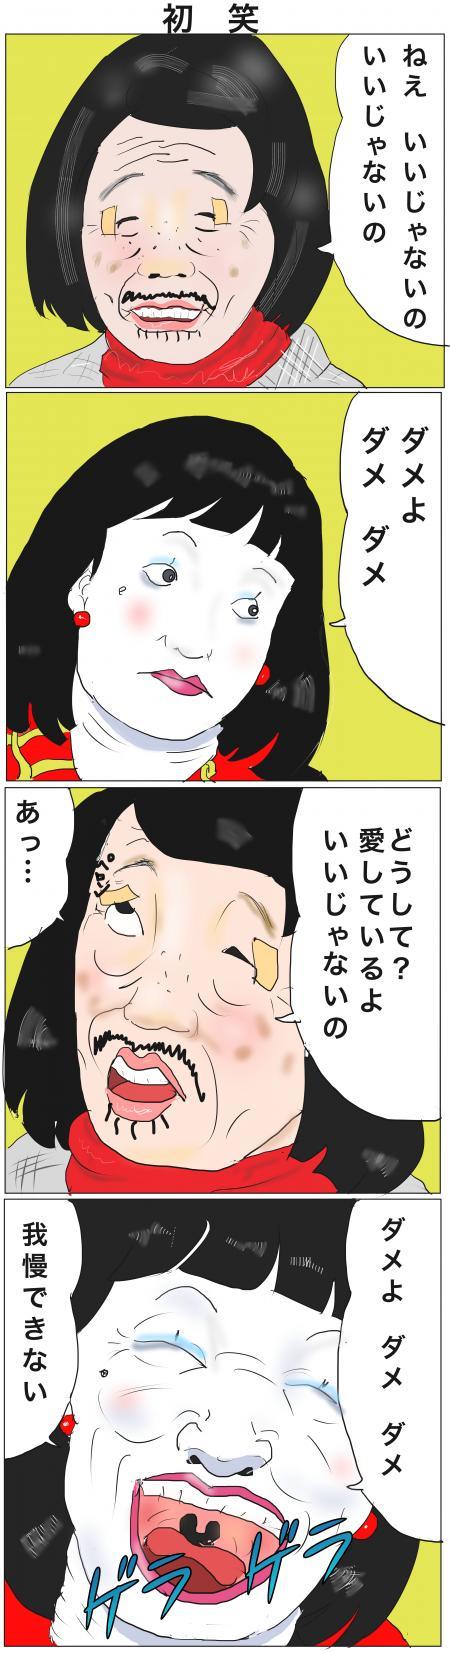 初笑+のコピー_convert_20141230183608